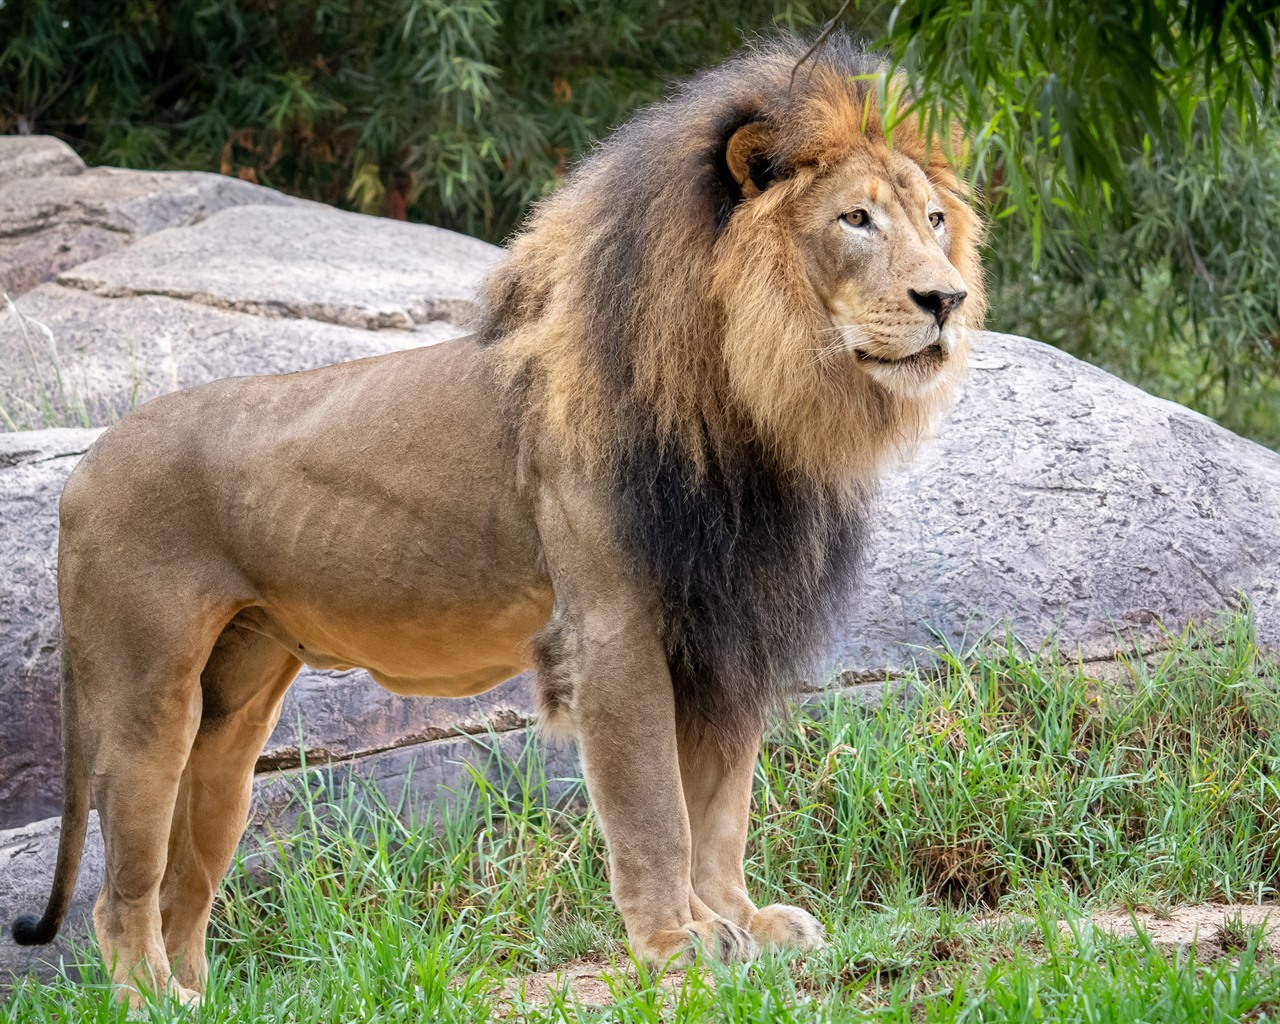 Lion, Mane, Wildlife 1080x1920 IPhone 8/7/6/6S Plus